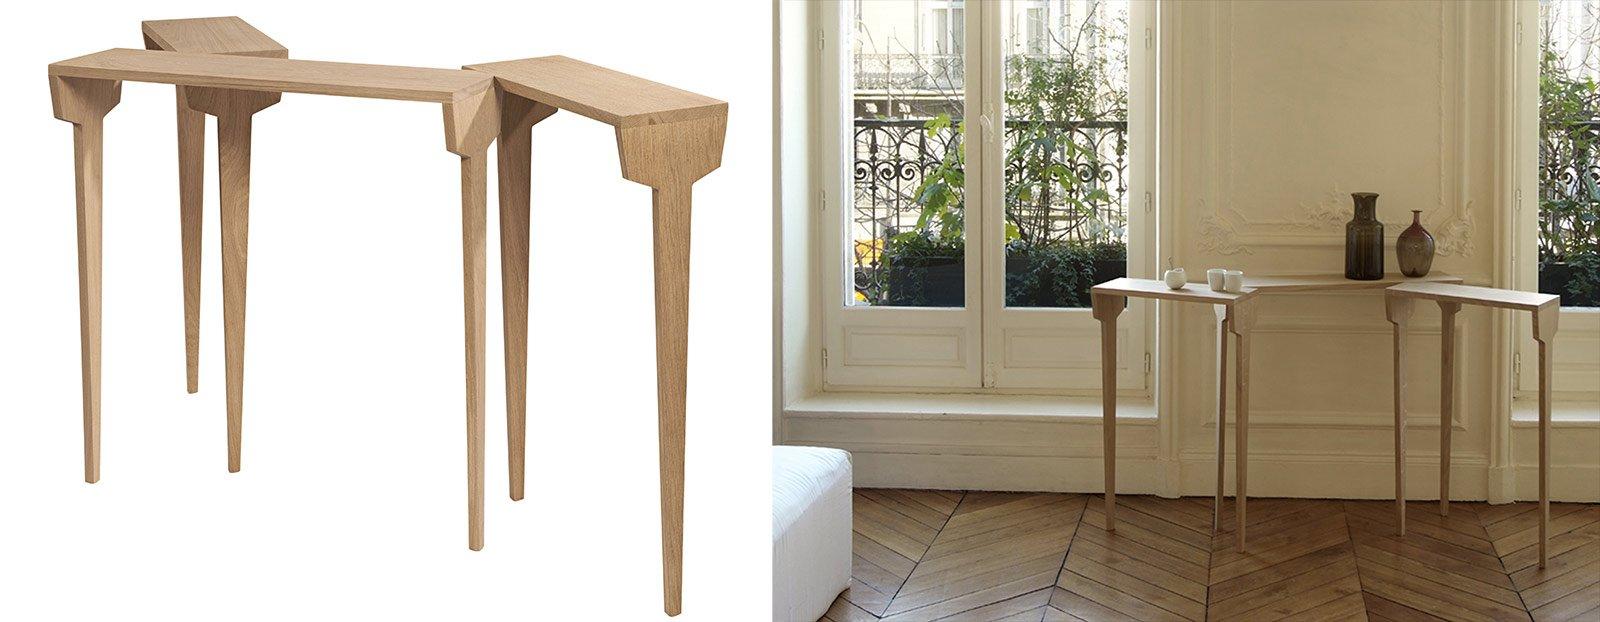 Console per sfruttare bene lo spazio cose di casa for Piani di casa francese in tudor